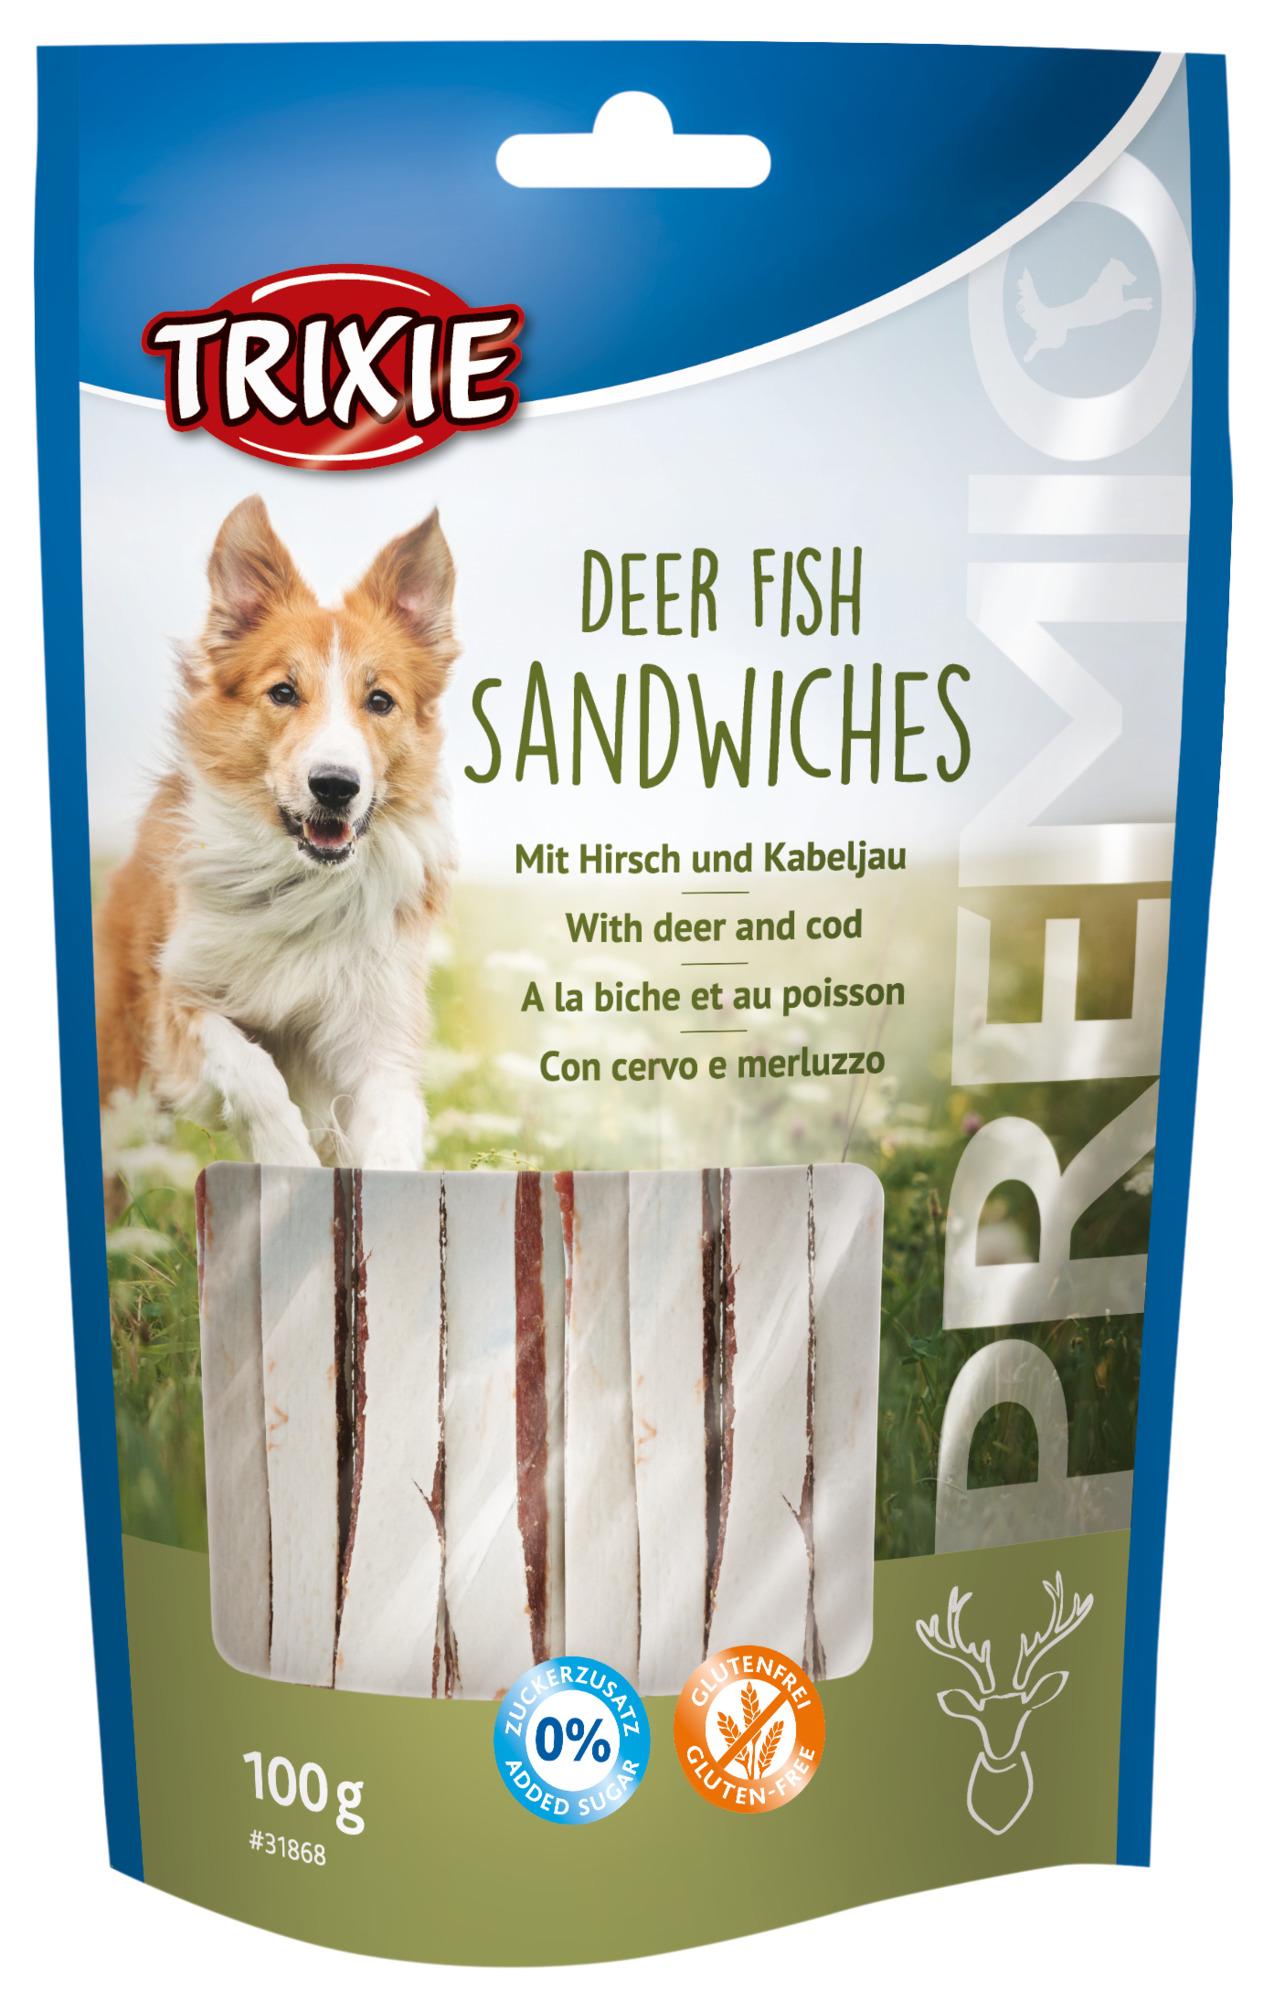 TRIXIE PREMIO Deer Fish Sandwiches, 100 g